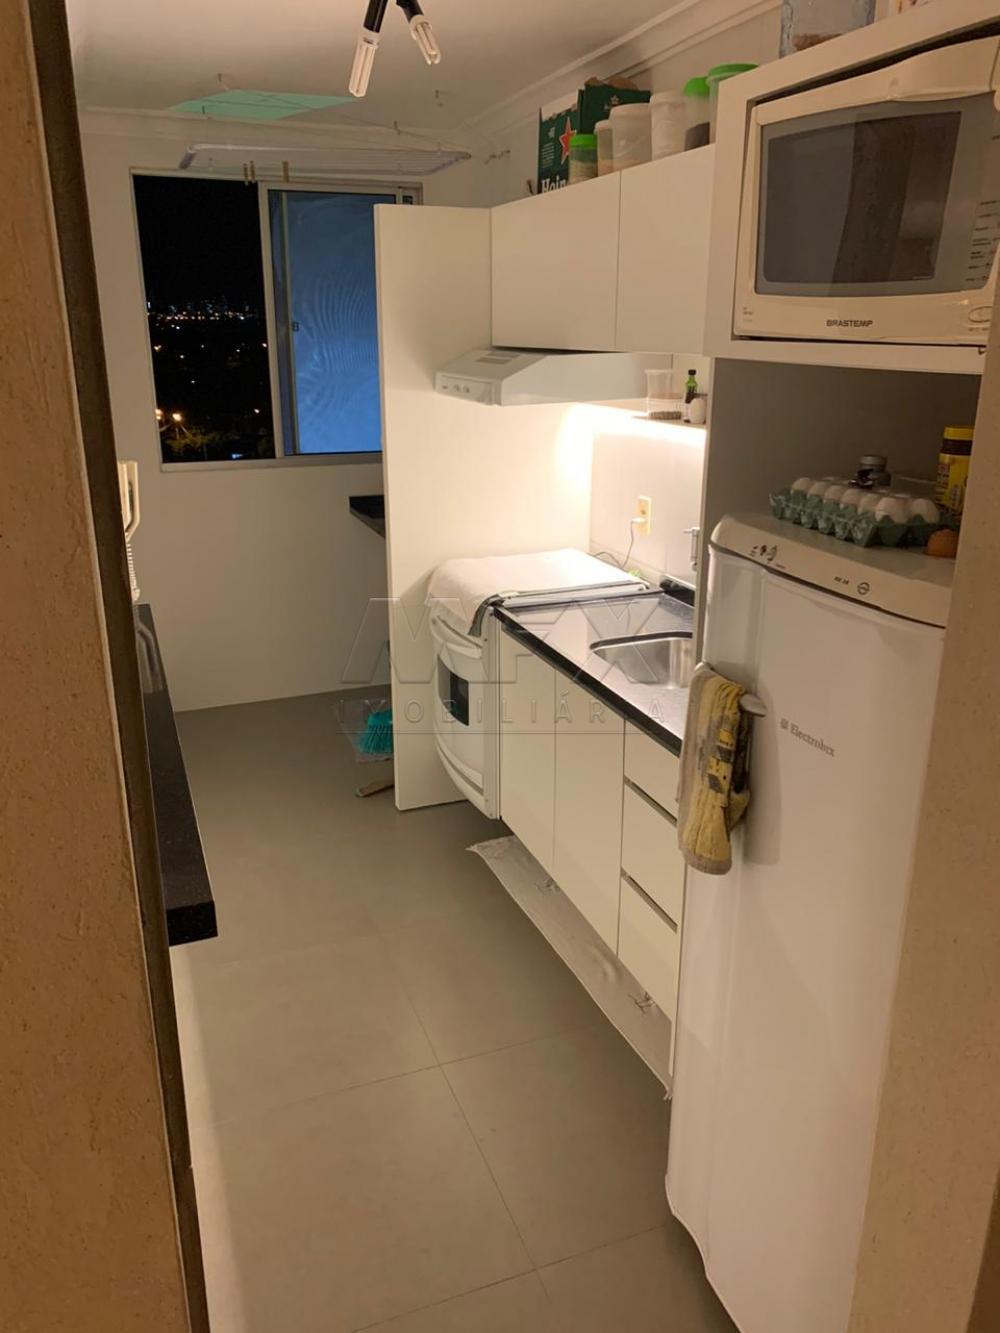 Comprar Apartamento / Padrão em Bauru apenas R$ 155.000,00 - Foto 11